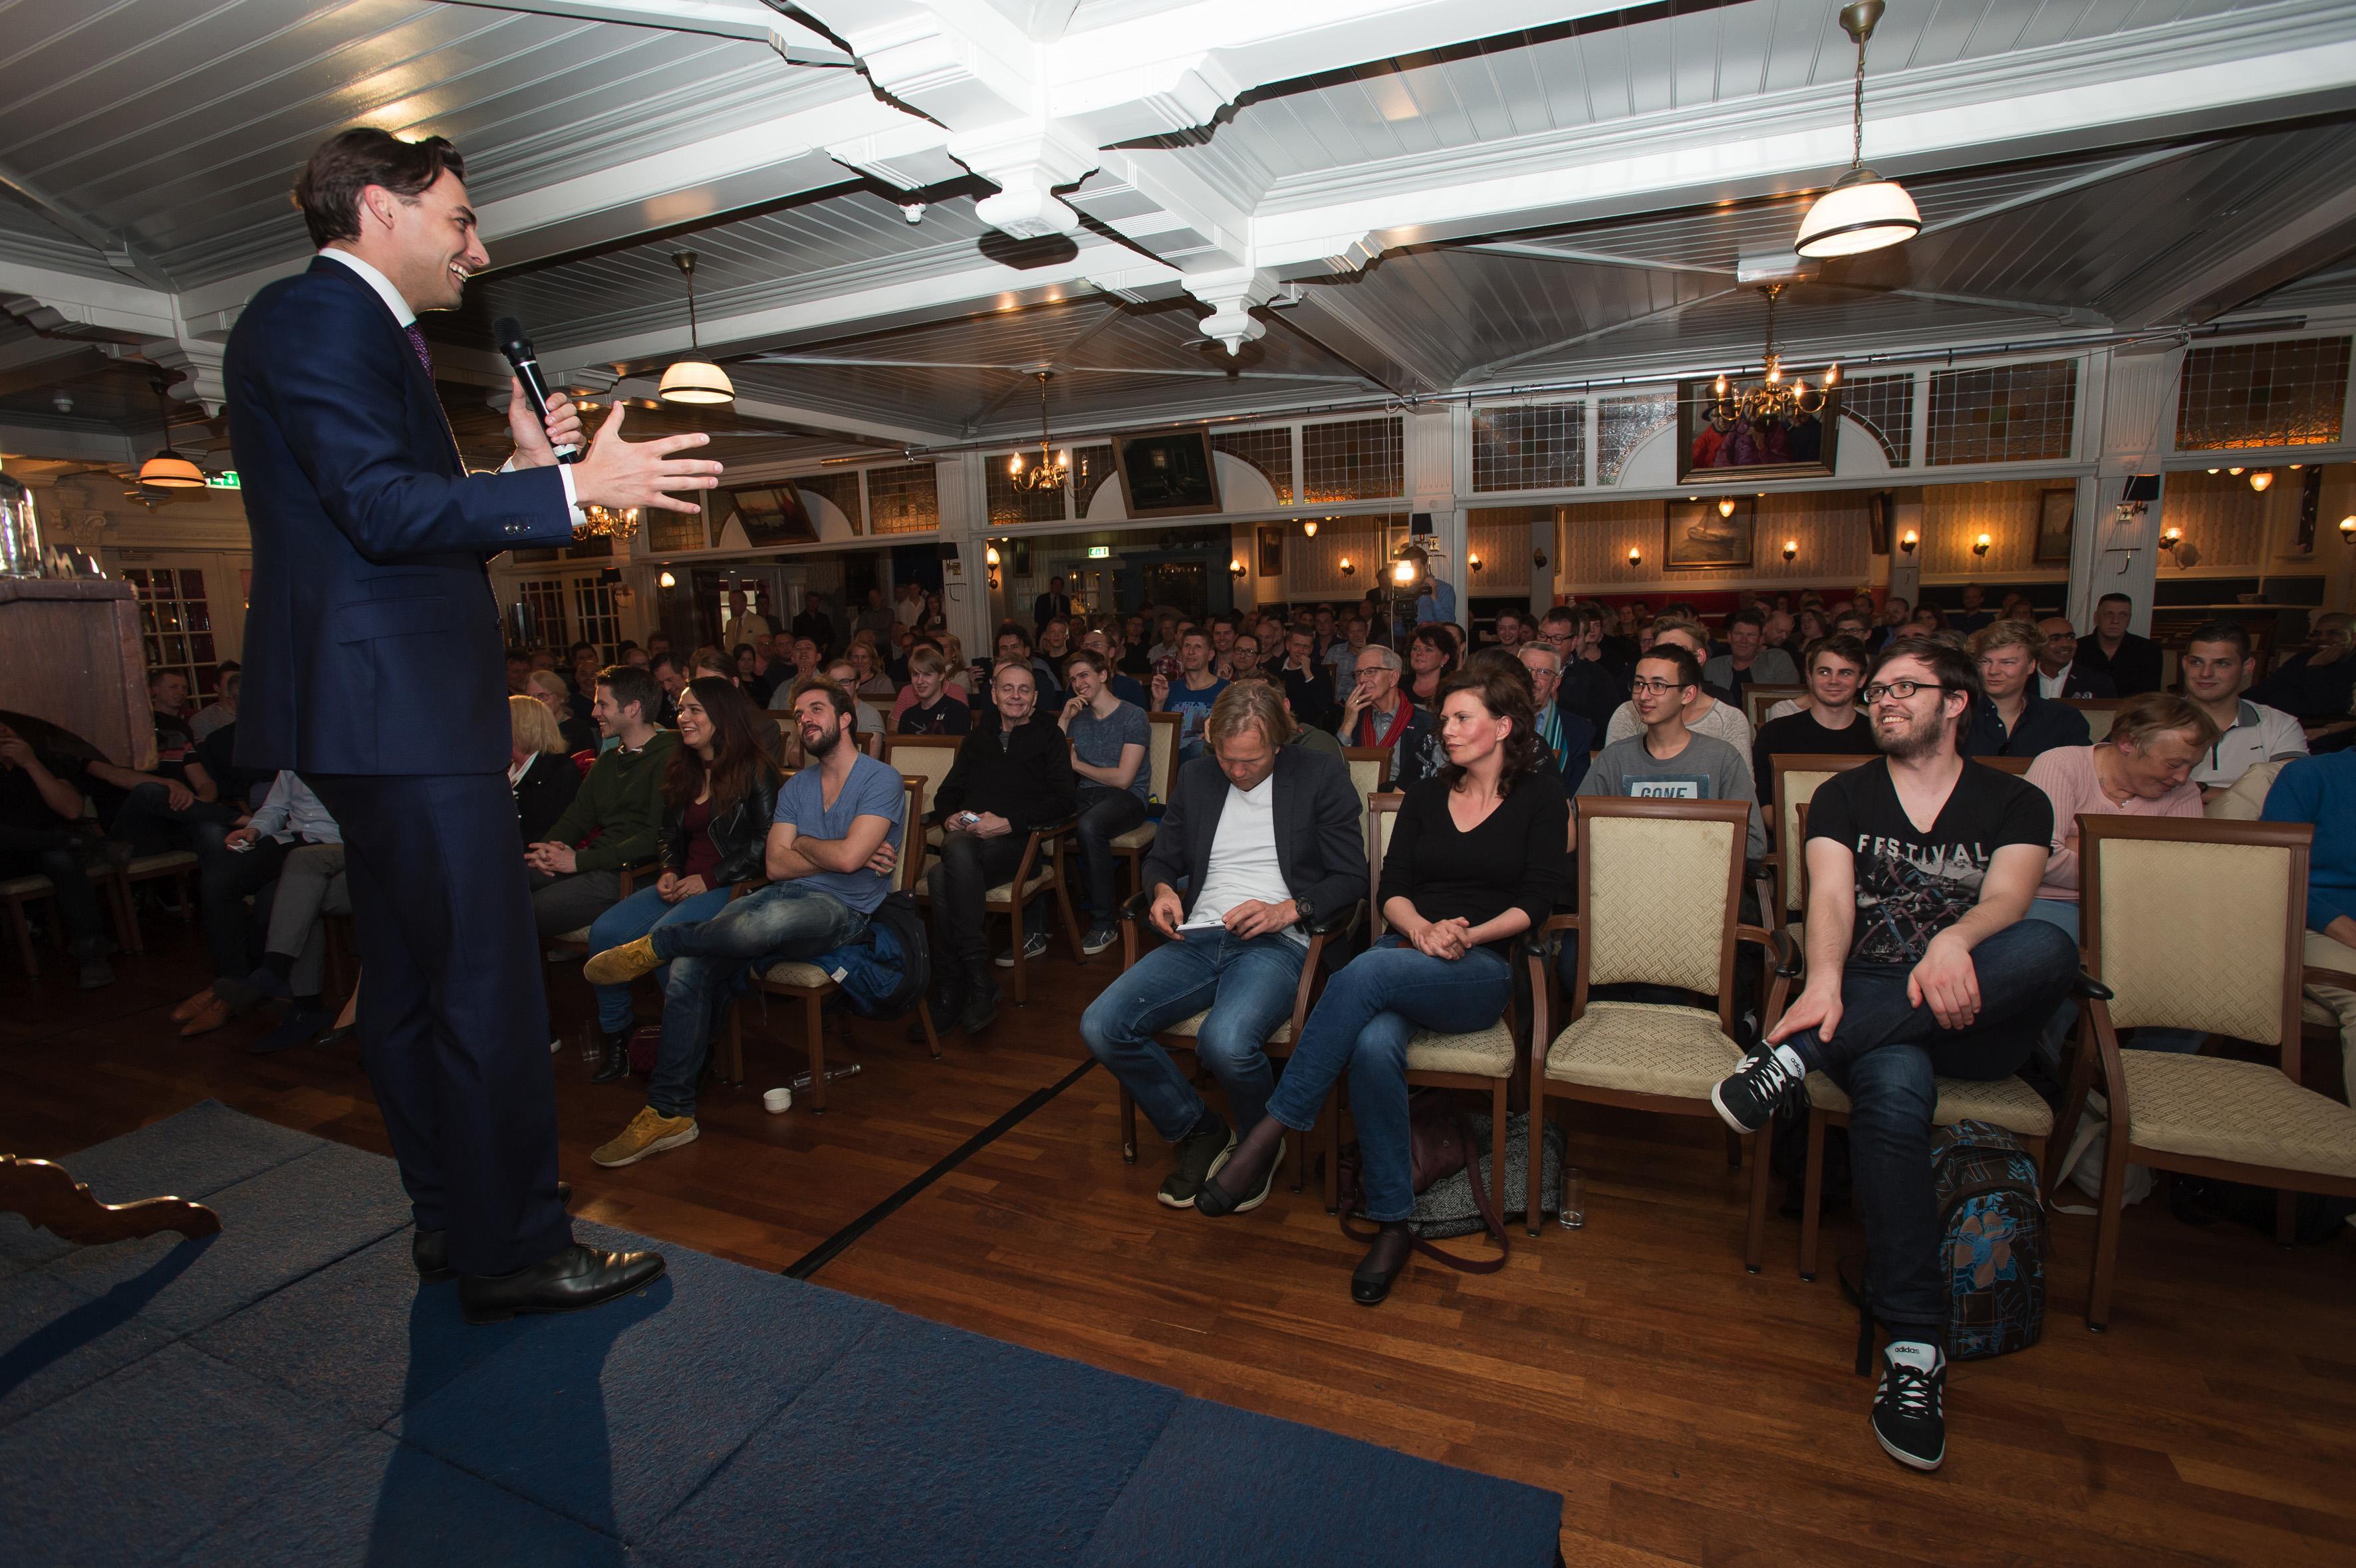 Manifestatie van Forum voor Democratie in Volendam gaat zondag niet door: partij en gemeente komen samen met een verklaring